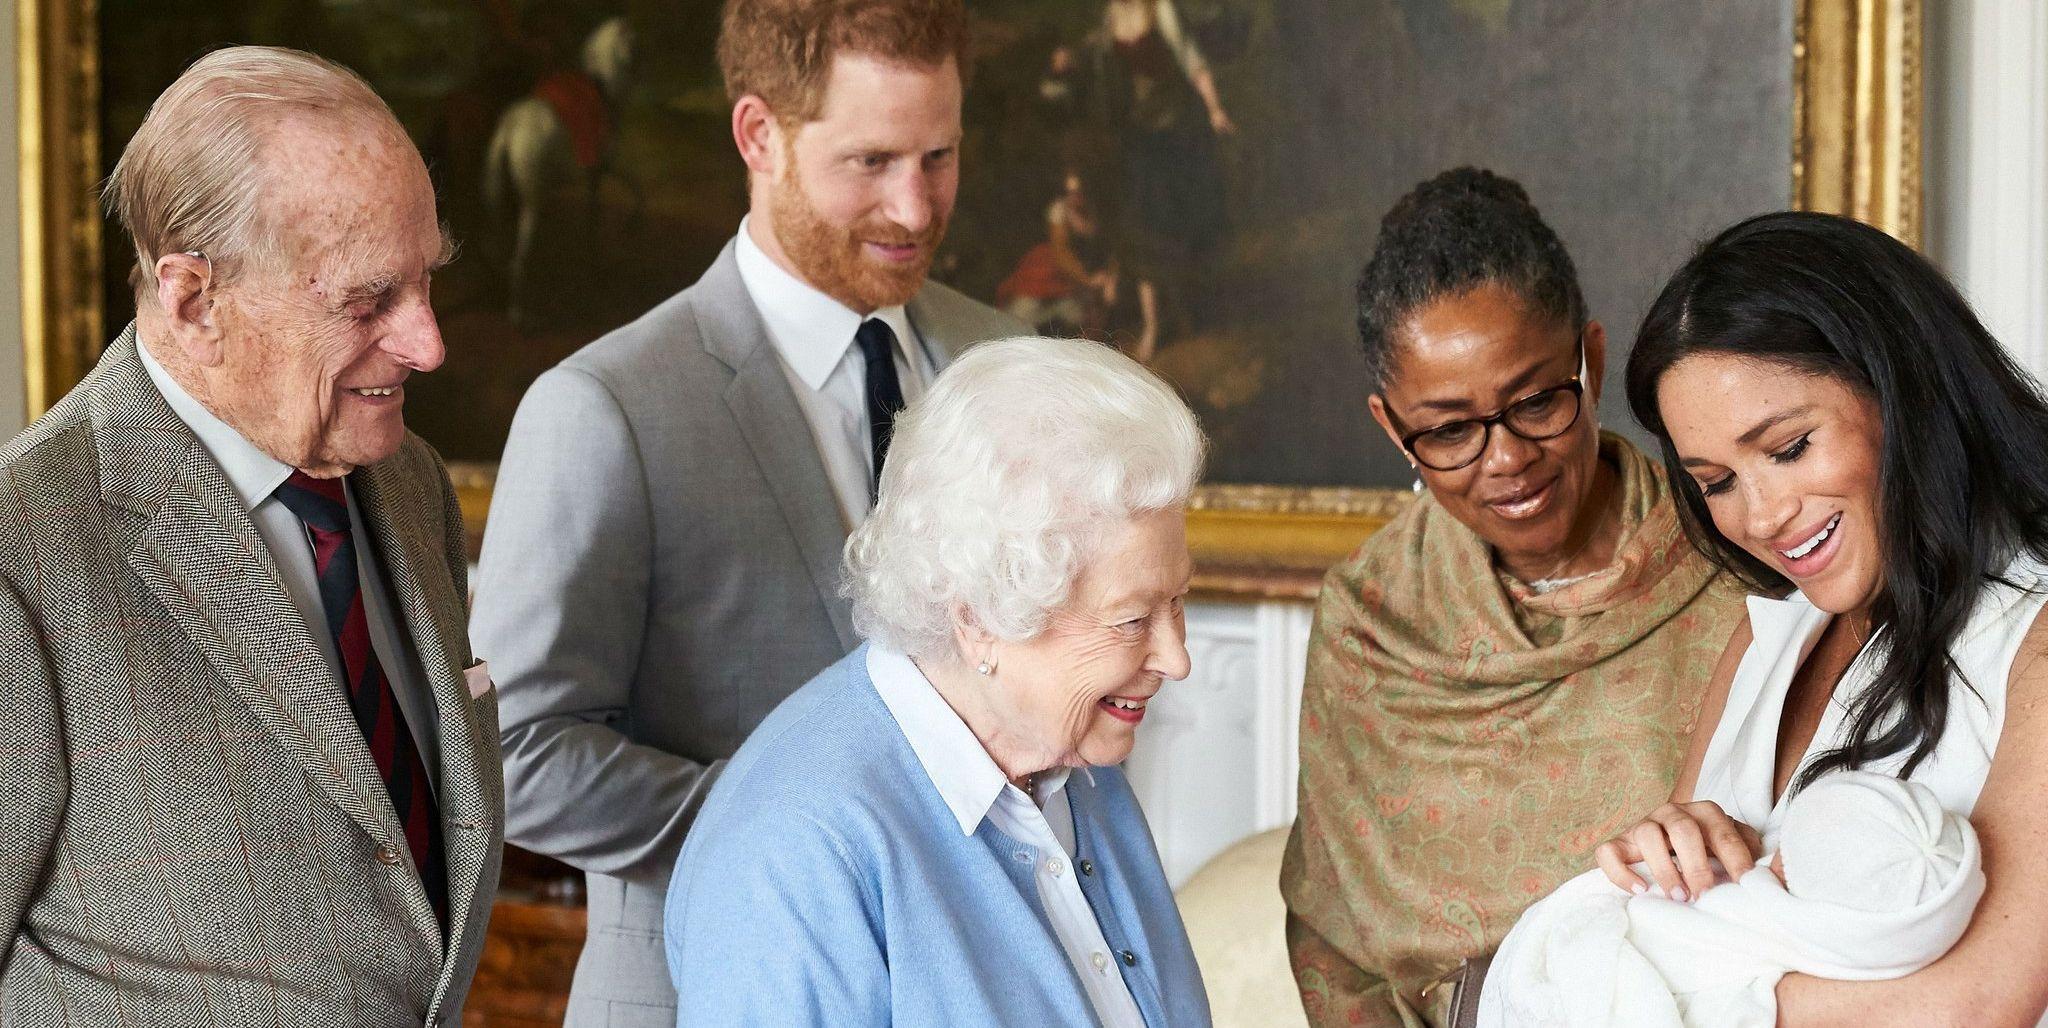 archie harrison mountbatten-windsor meets queen elizabeth prince philip